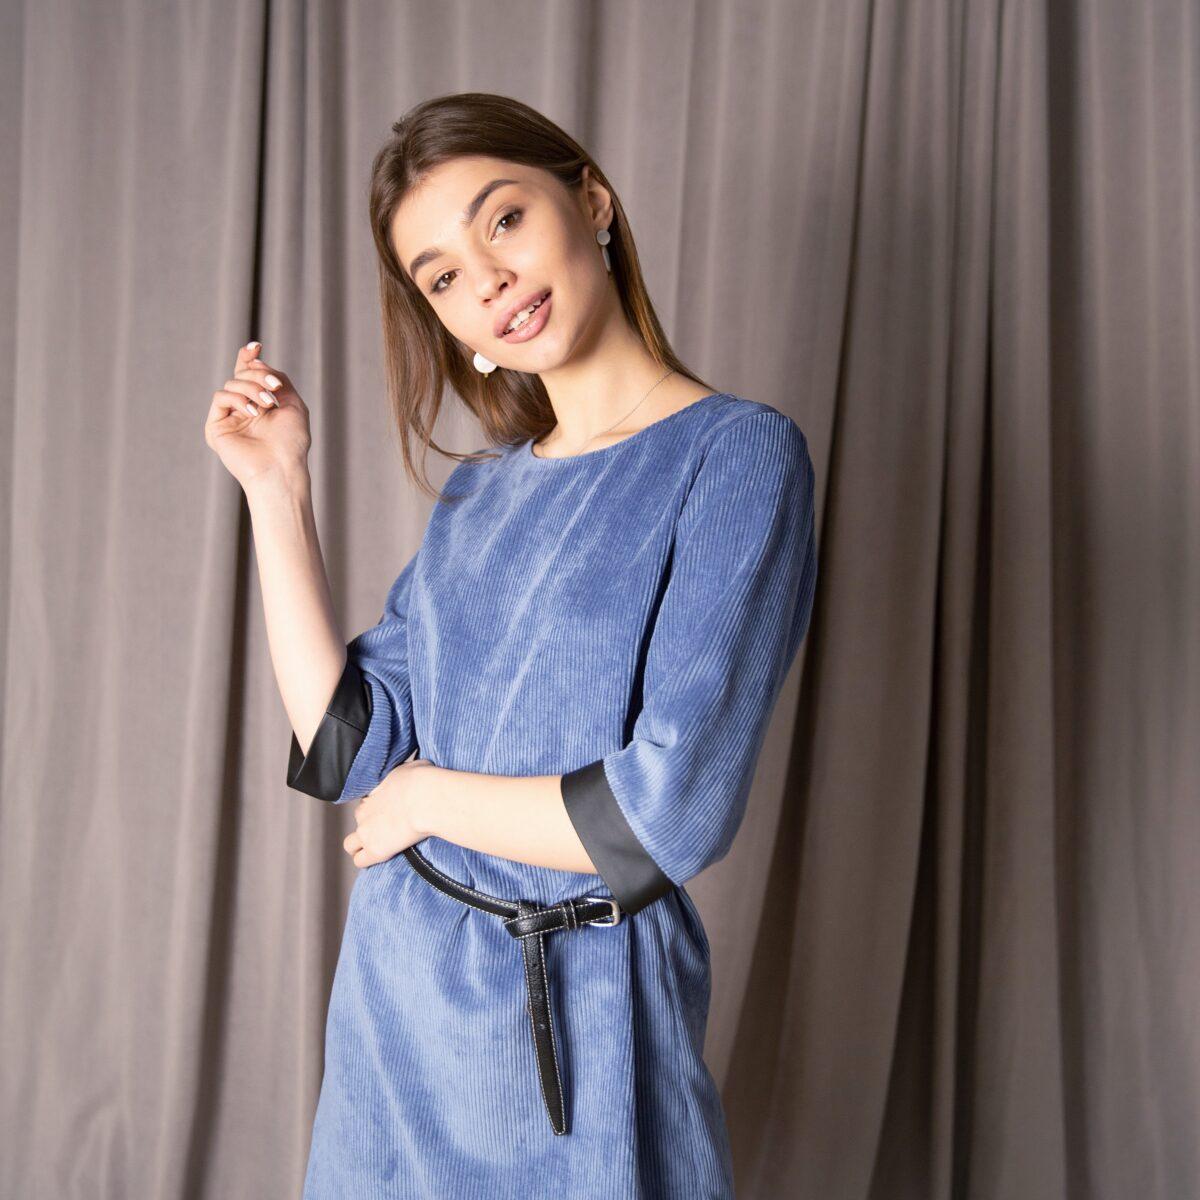 Платье из коллекции весна-лето 2020 года из вельвета василькового цвета тренд этого сезона.